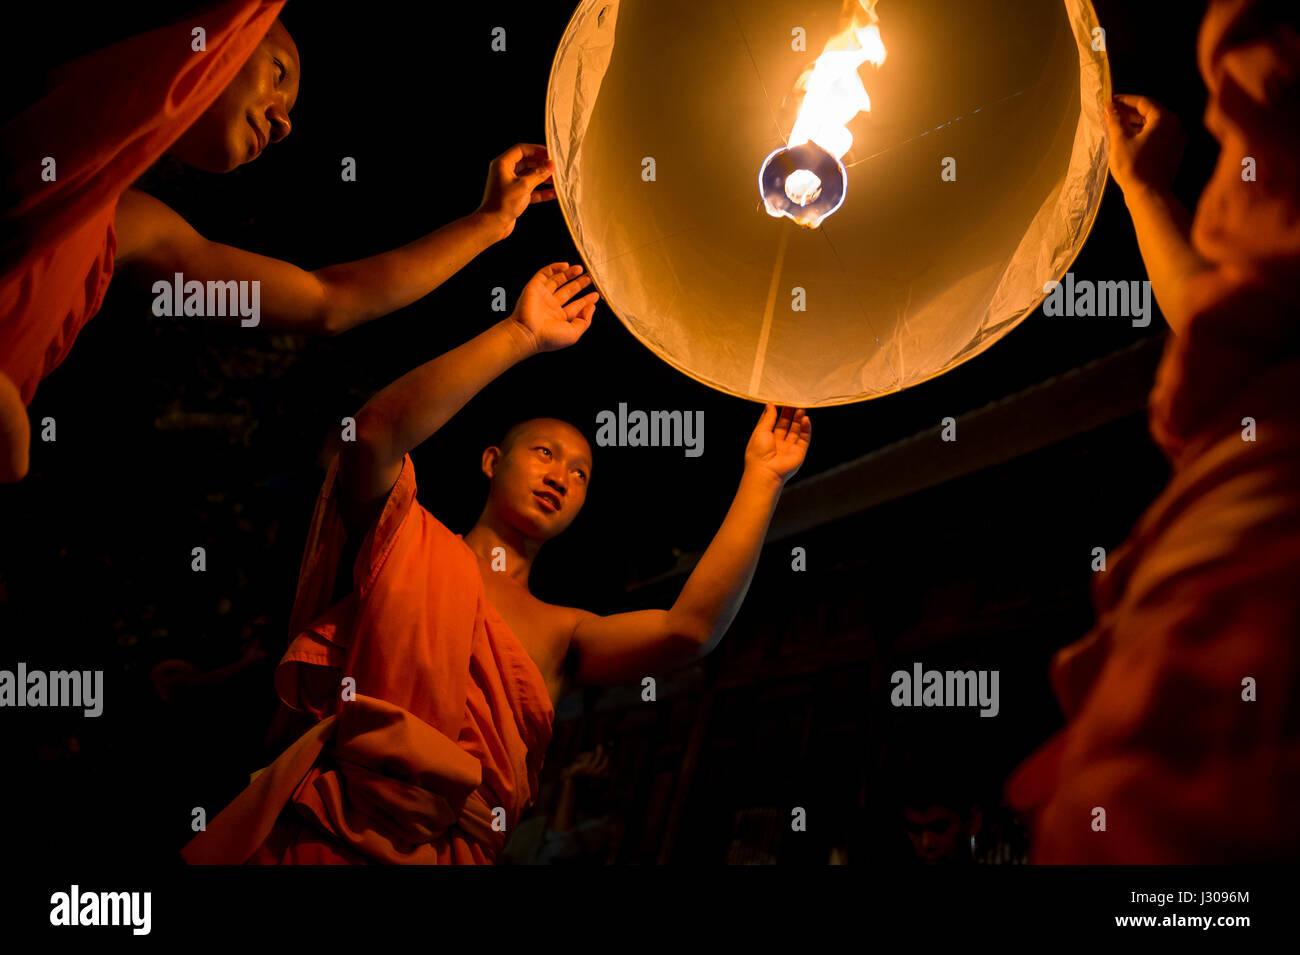 CHIANG MAI, THAILAND - 7. November 2014: Junge buddhistische Mönche in orangefarbenen Gewändern starten Stockbild